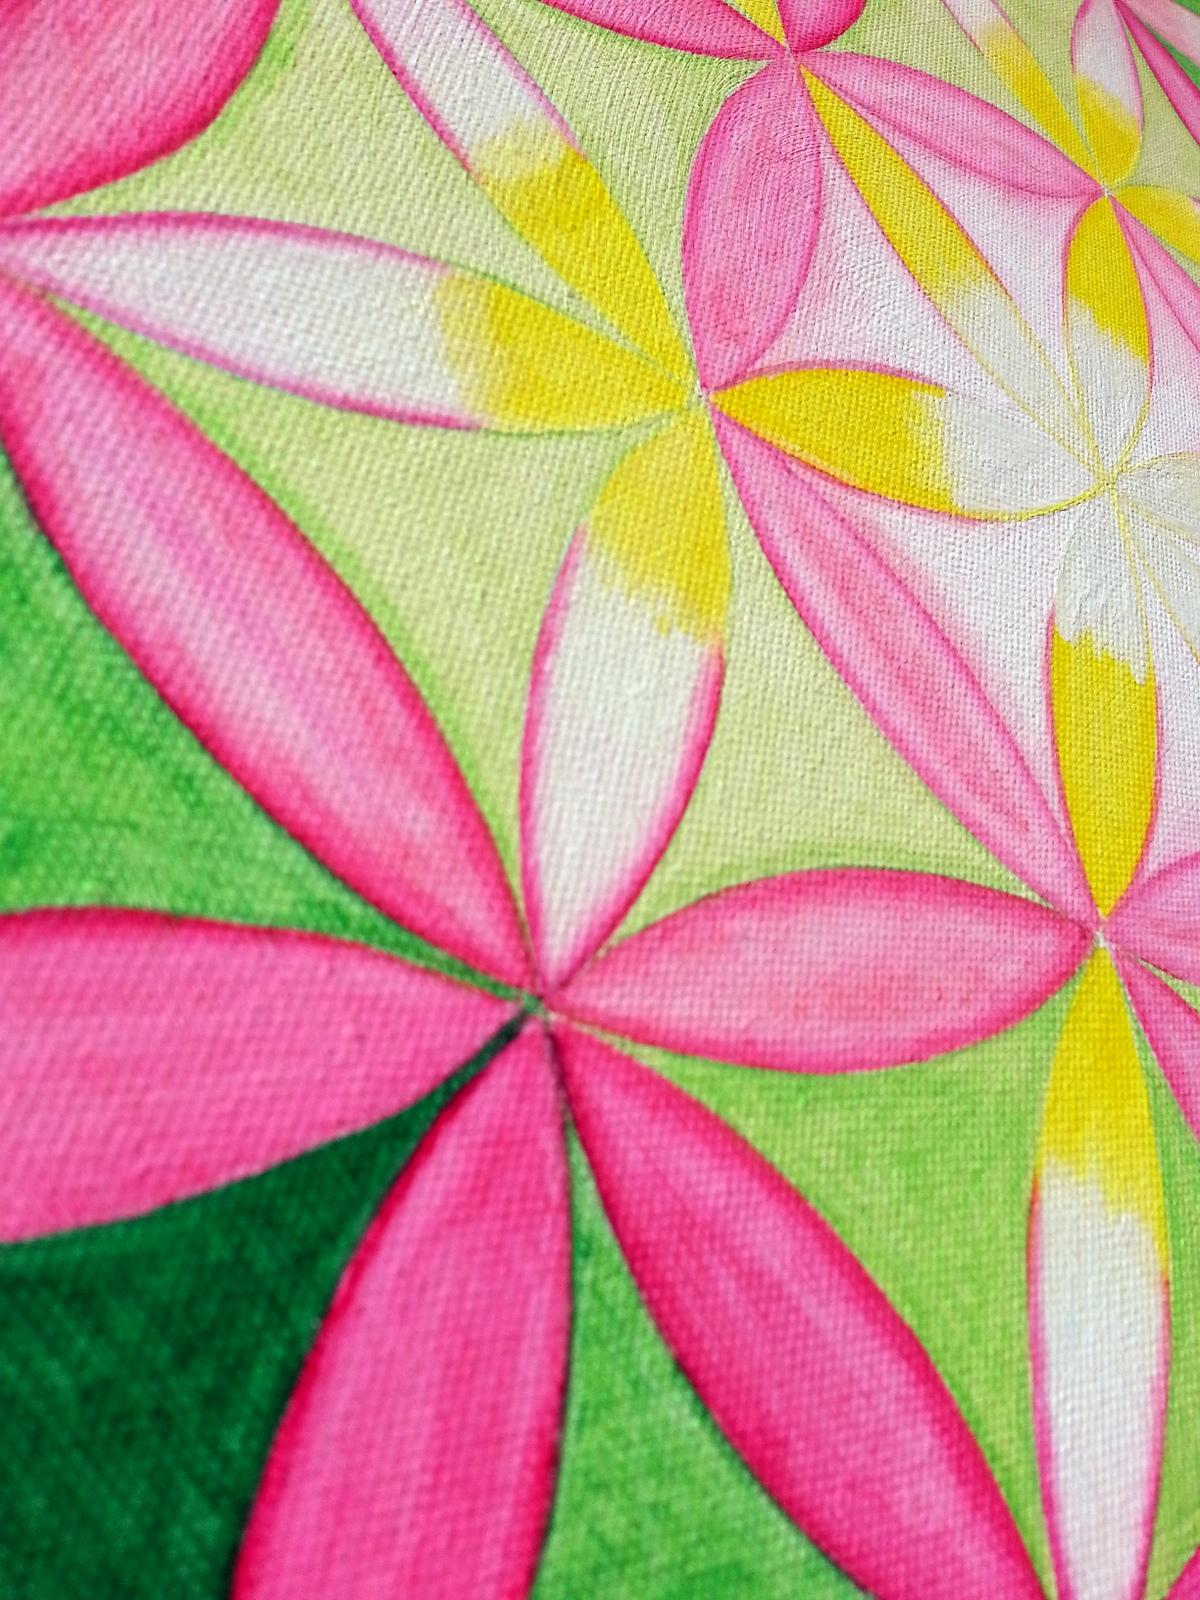 Blume des Lebens von Sonja Peinl